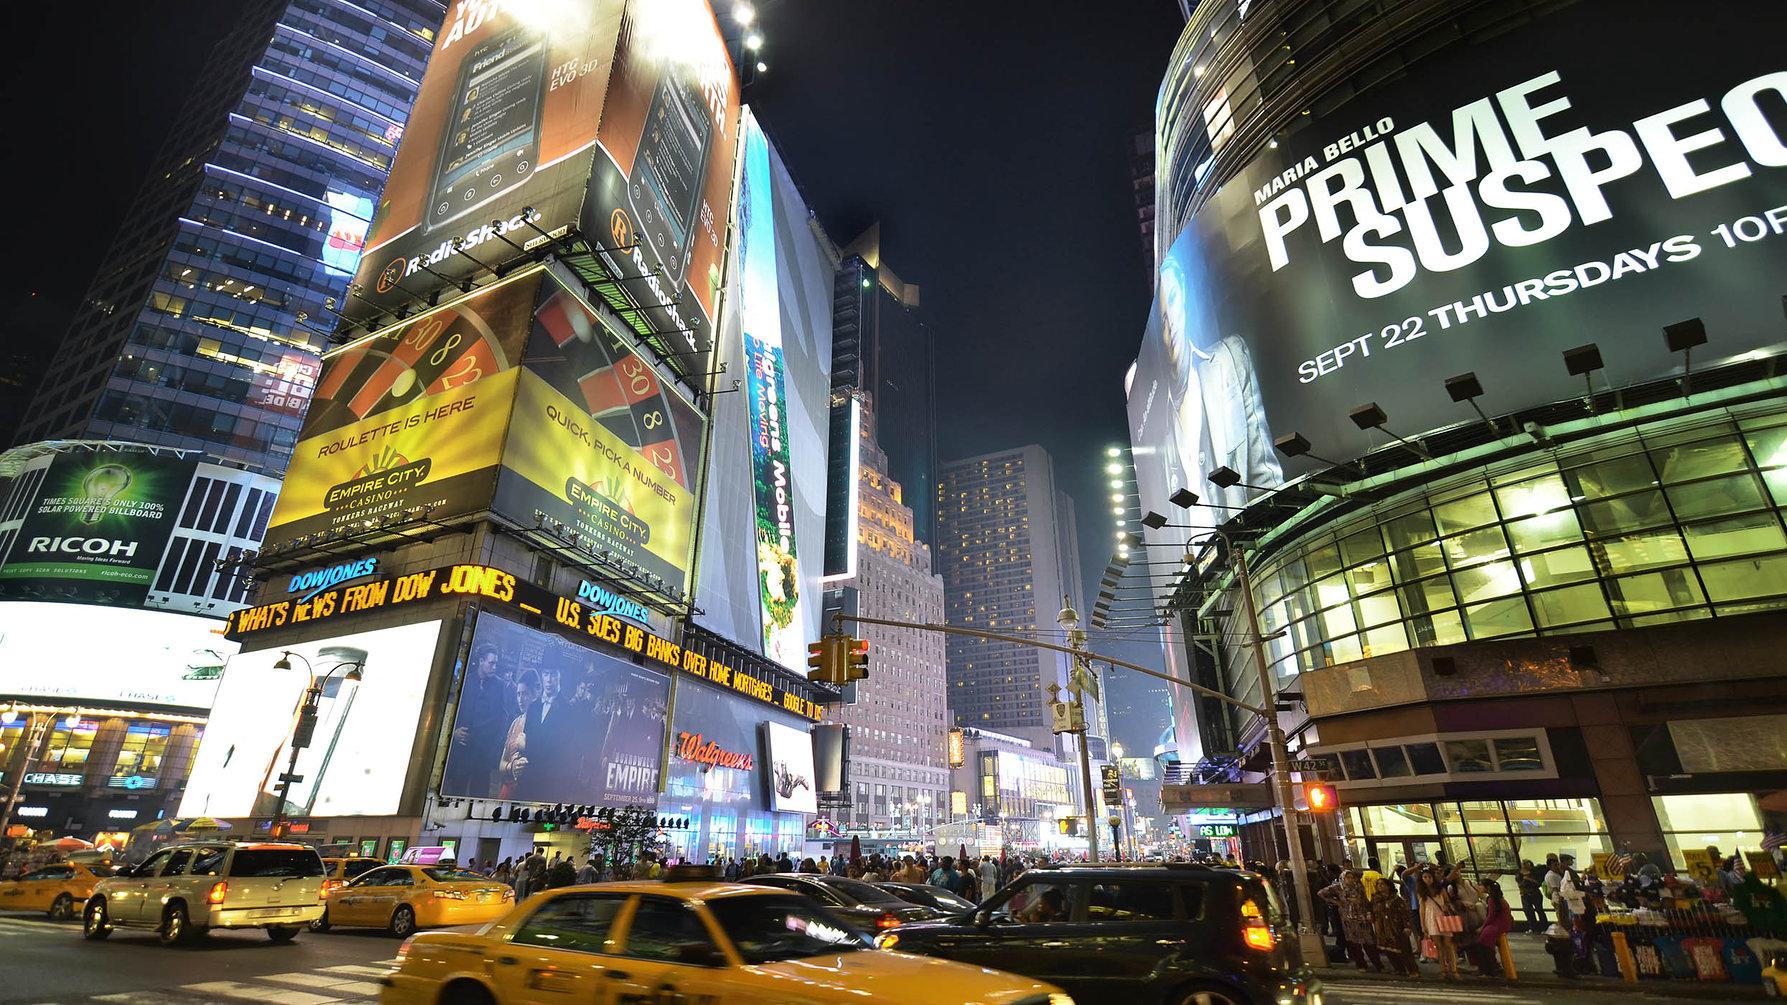 newyork42st2560x144070dpidsc3812-119206-small.jpg